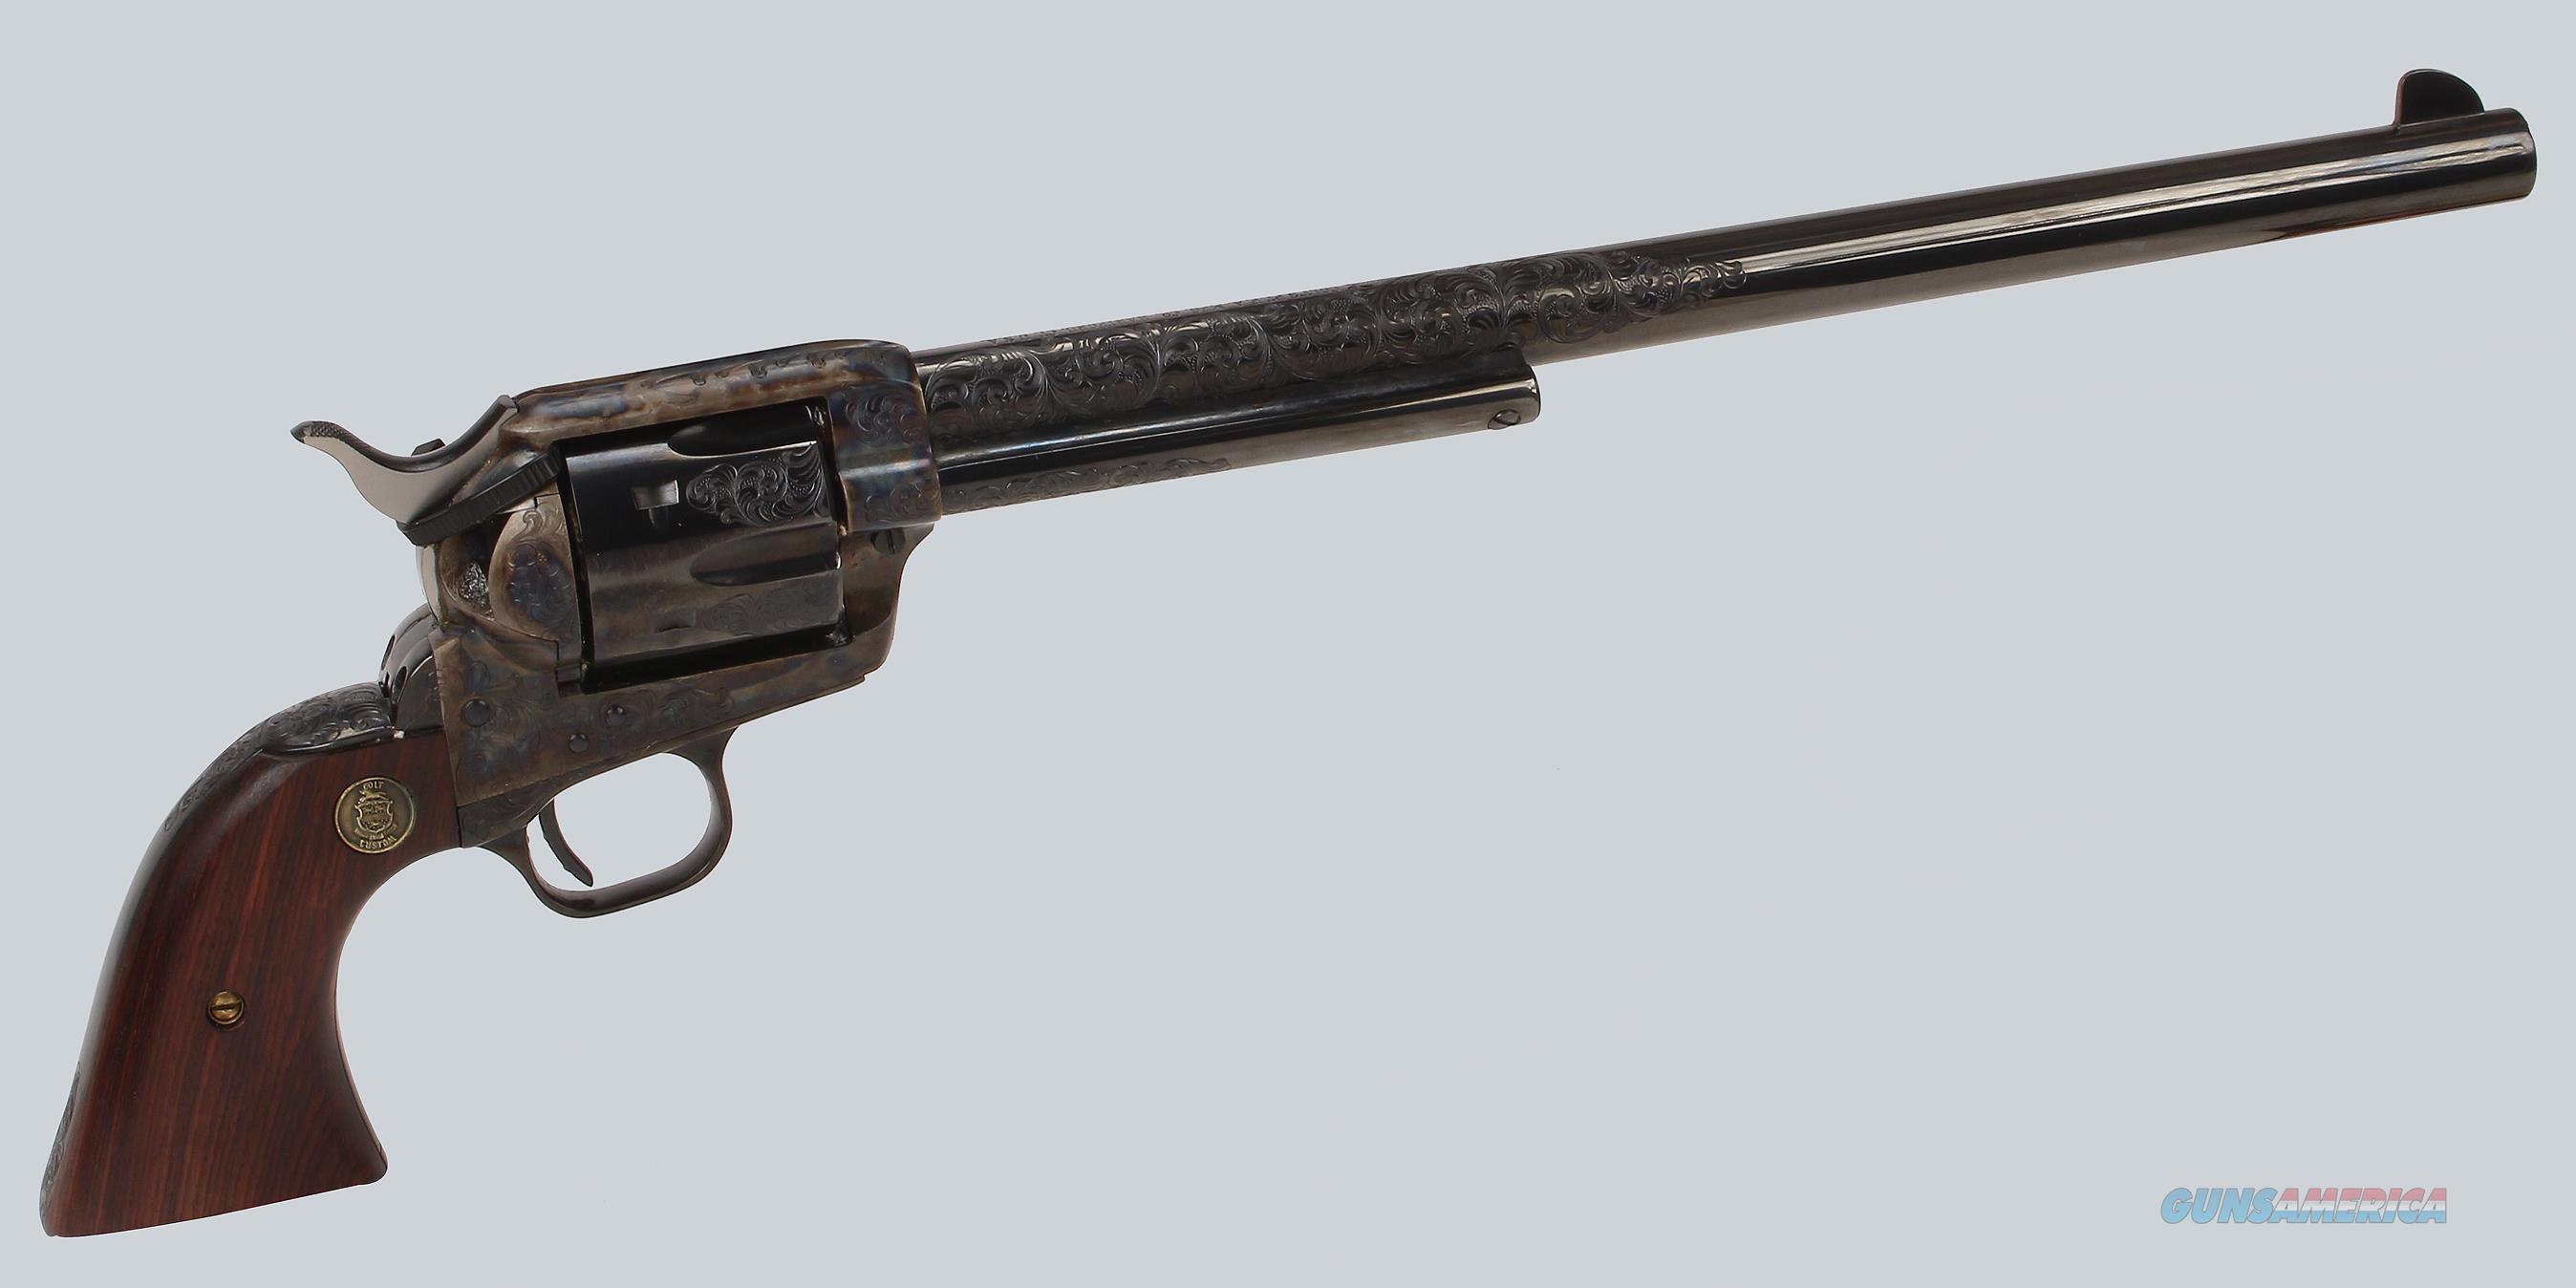 Colt SAA Buntline Special 3rd Gen 45LC Revolver  Guns > Pistols > Colt Single Action Revolvers - 3rd Gen.